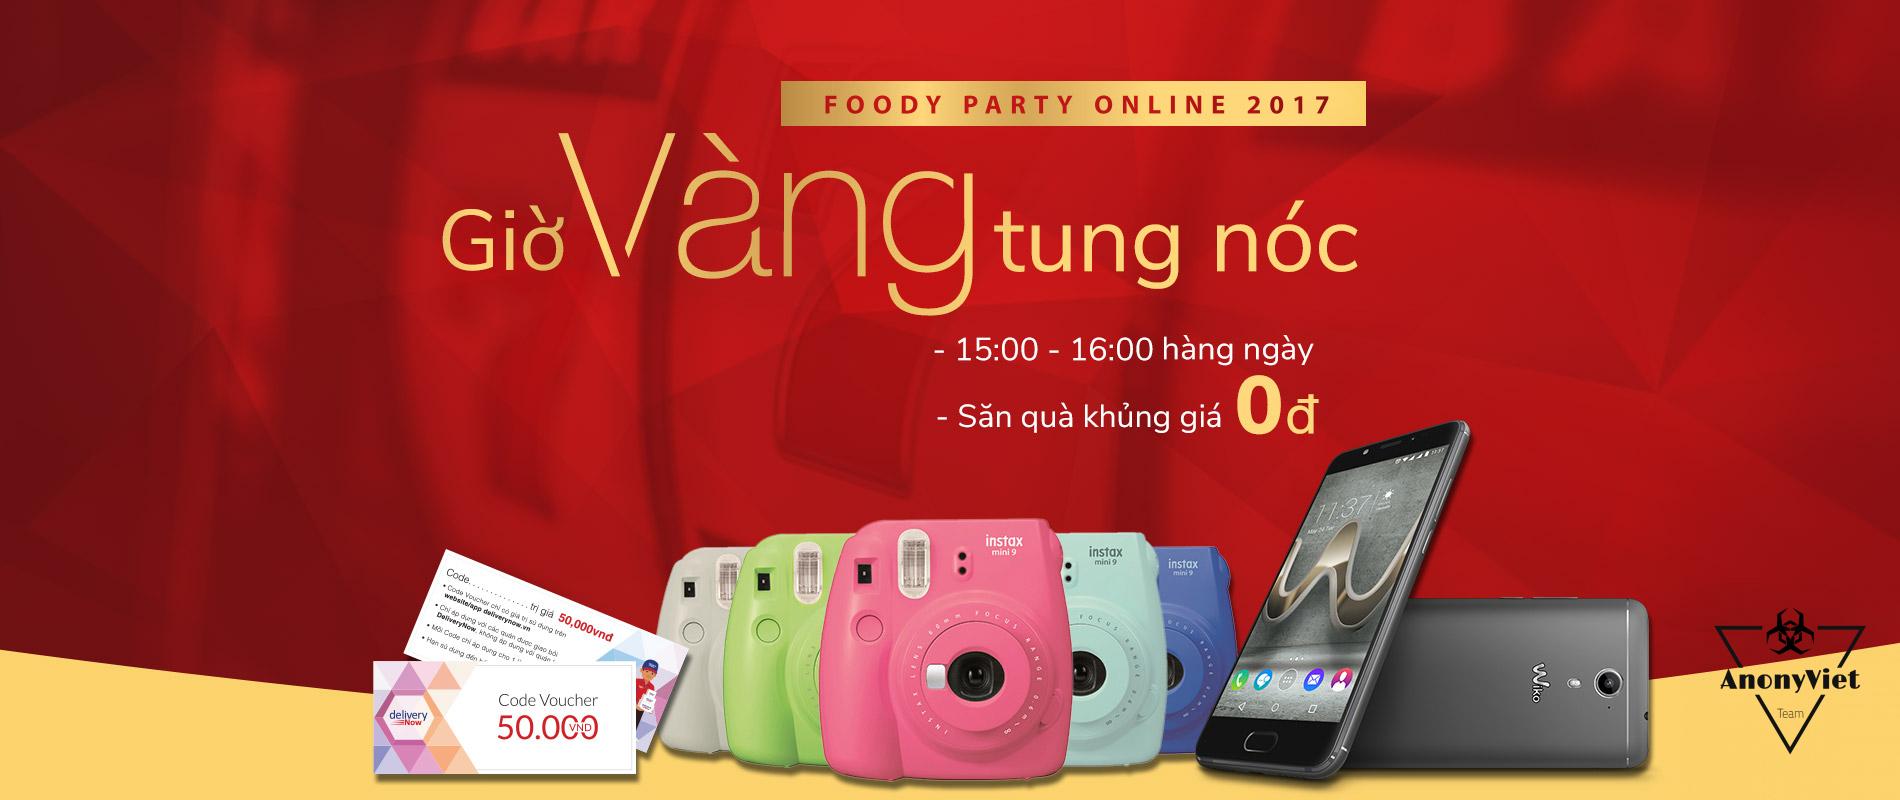 1900x800 Party Online 2017 GioVang - Hướng dẫn săn quà Foody cực HOT